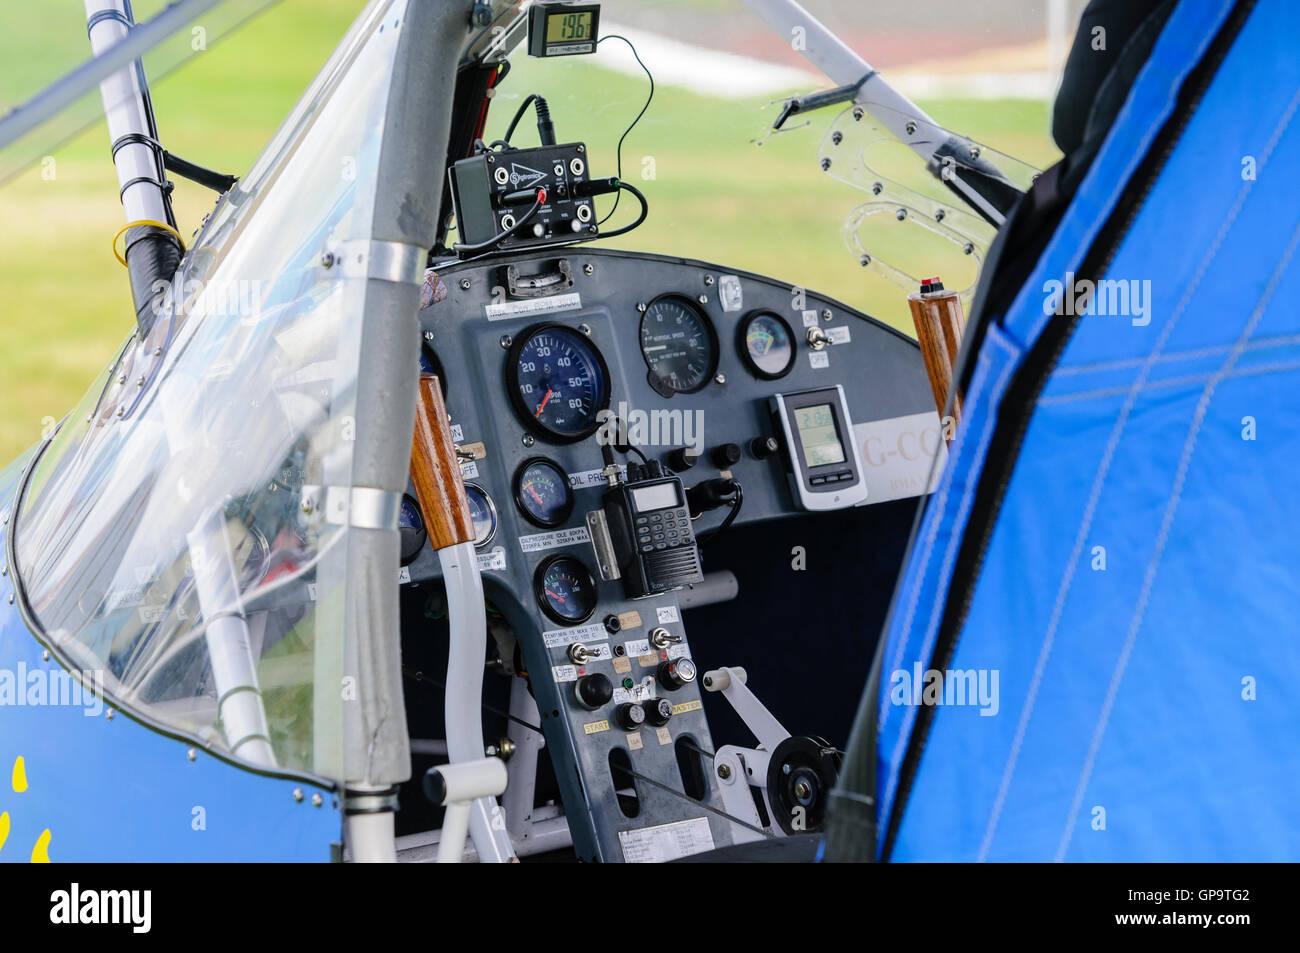 Il cockpit di un propulsore T600N Sprint velivoli ultraleggeri Foto Stock